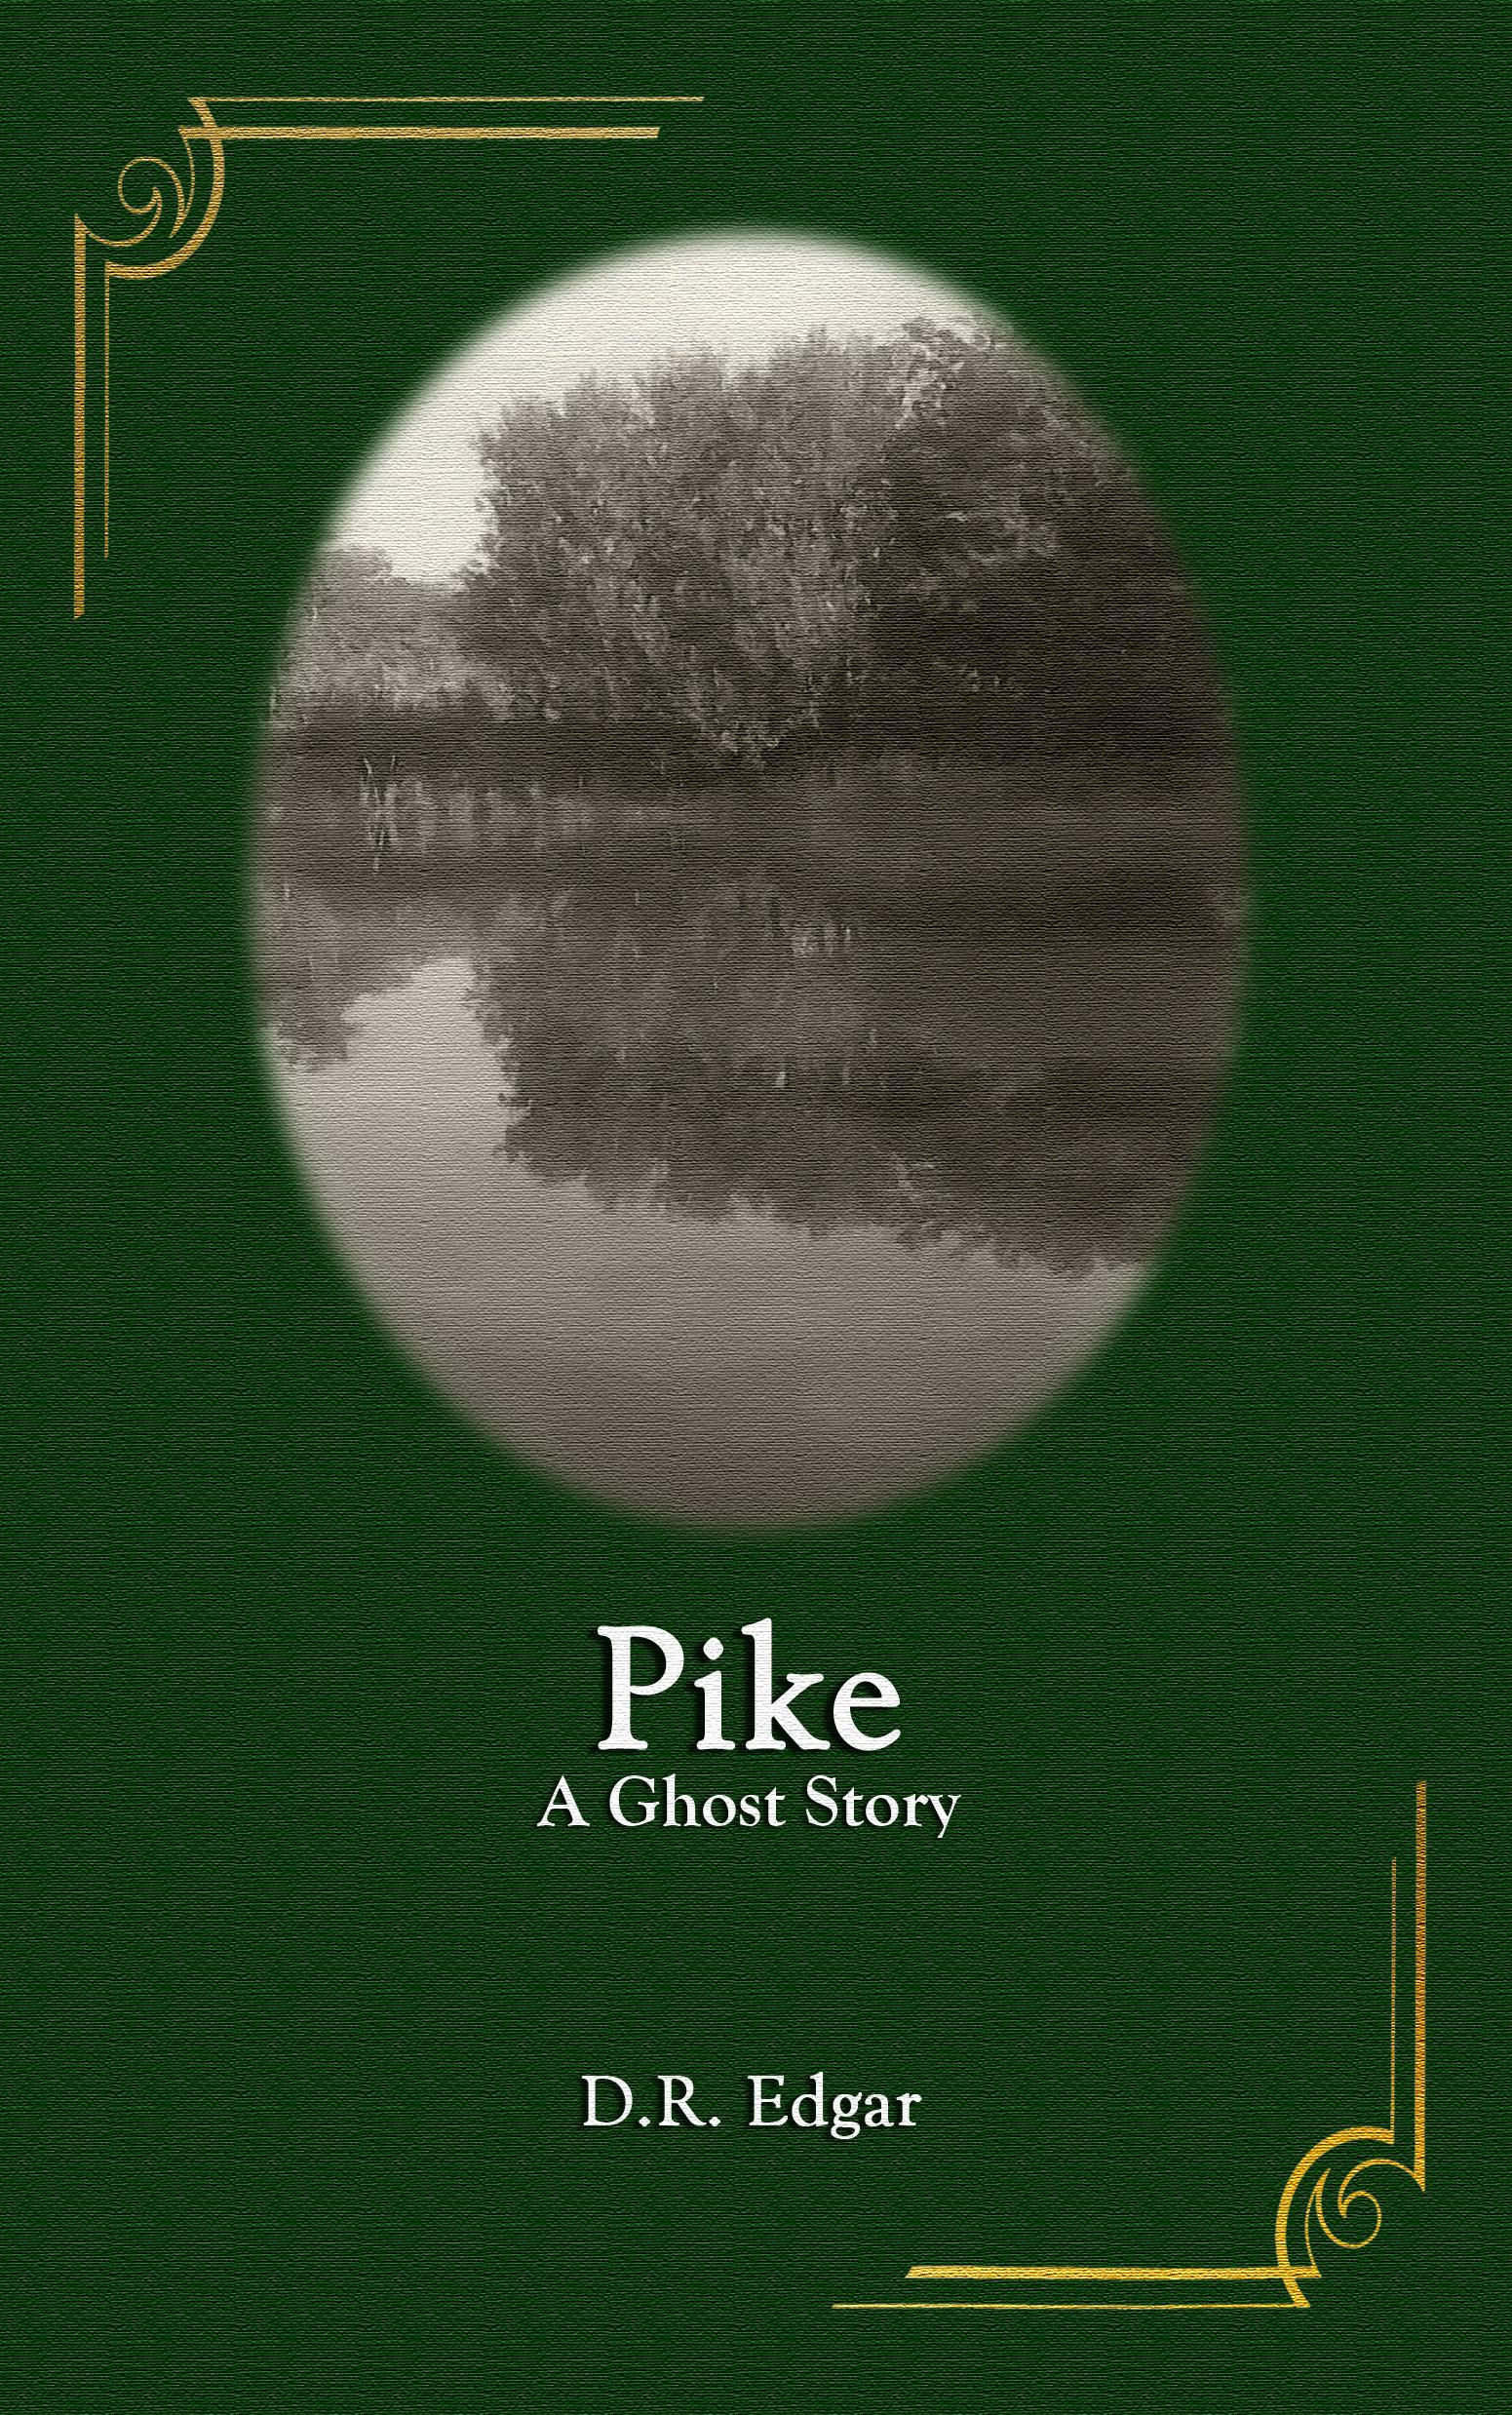 Pike D.R. Edgar